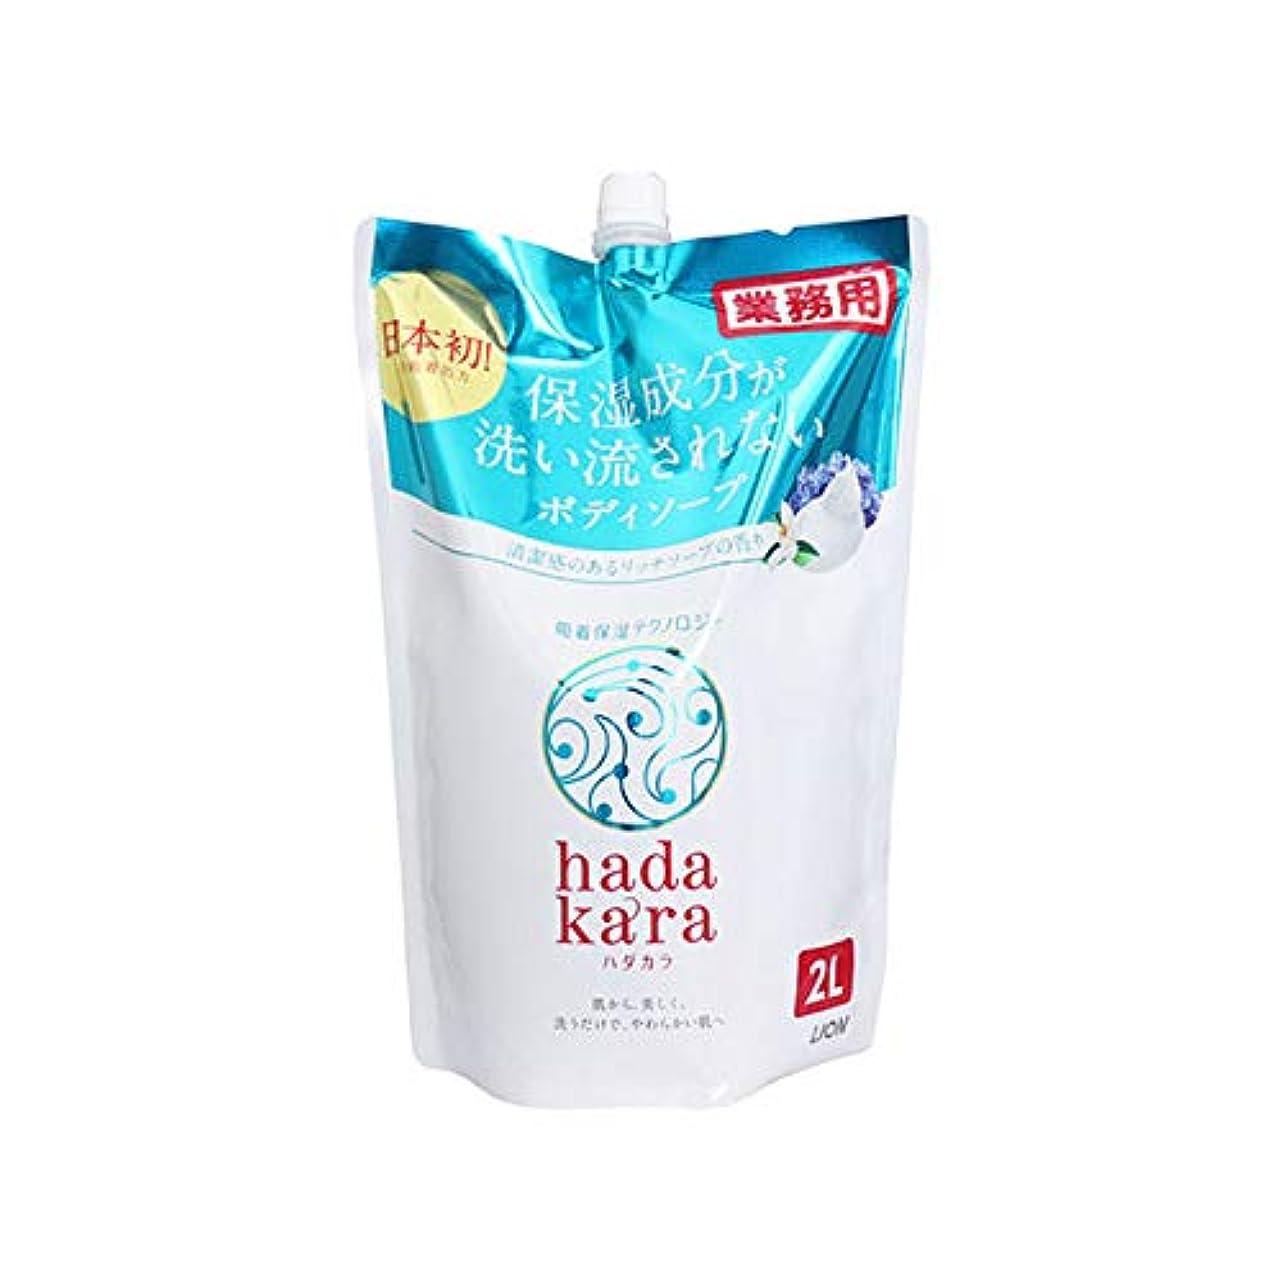 王位むしゃむしゃペニー業務用 ボディーソープ ハダカラ hadakara ボディソープ リッチソープの香り 2LX6本 ライオン